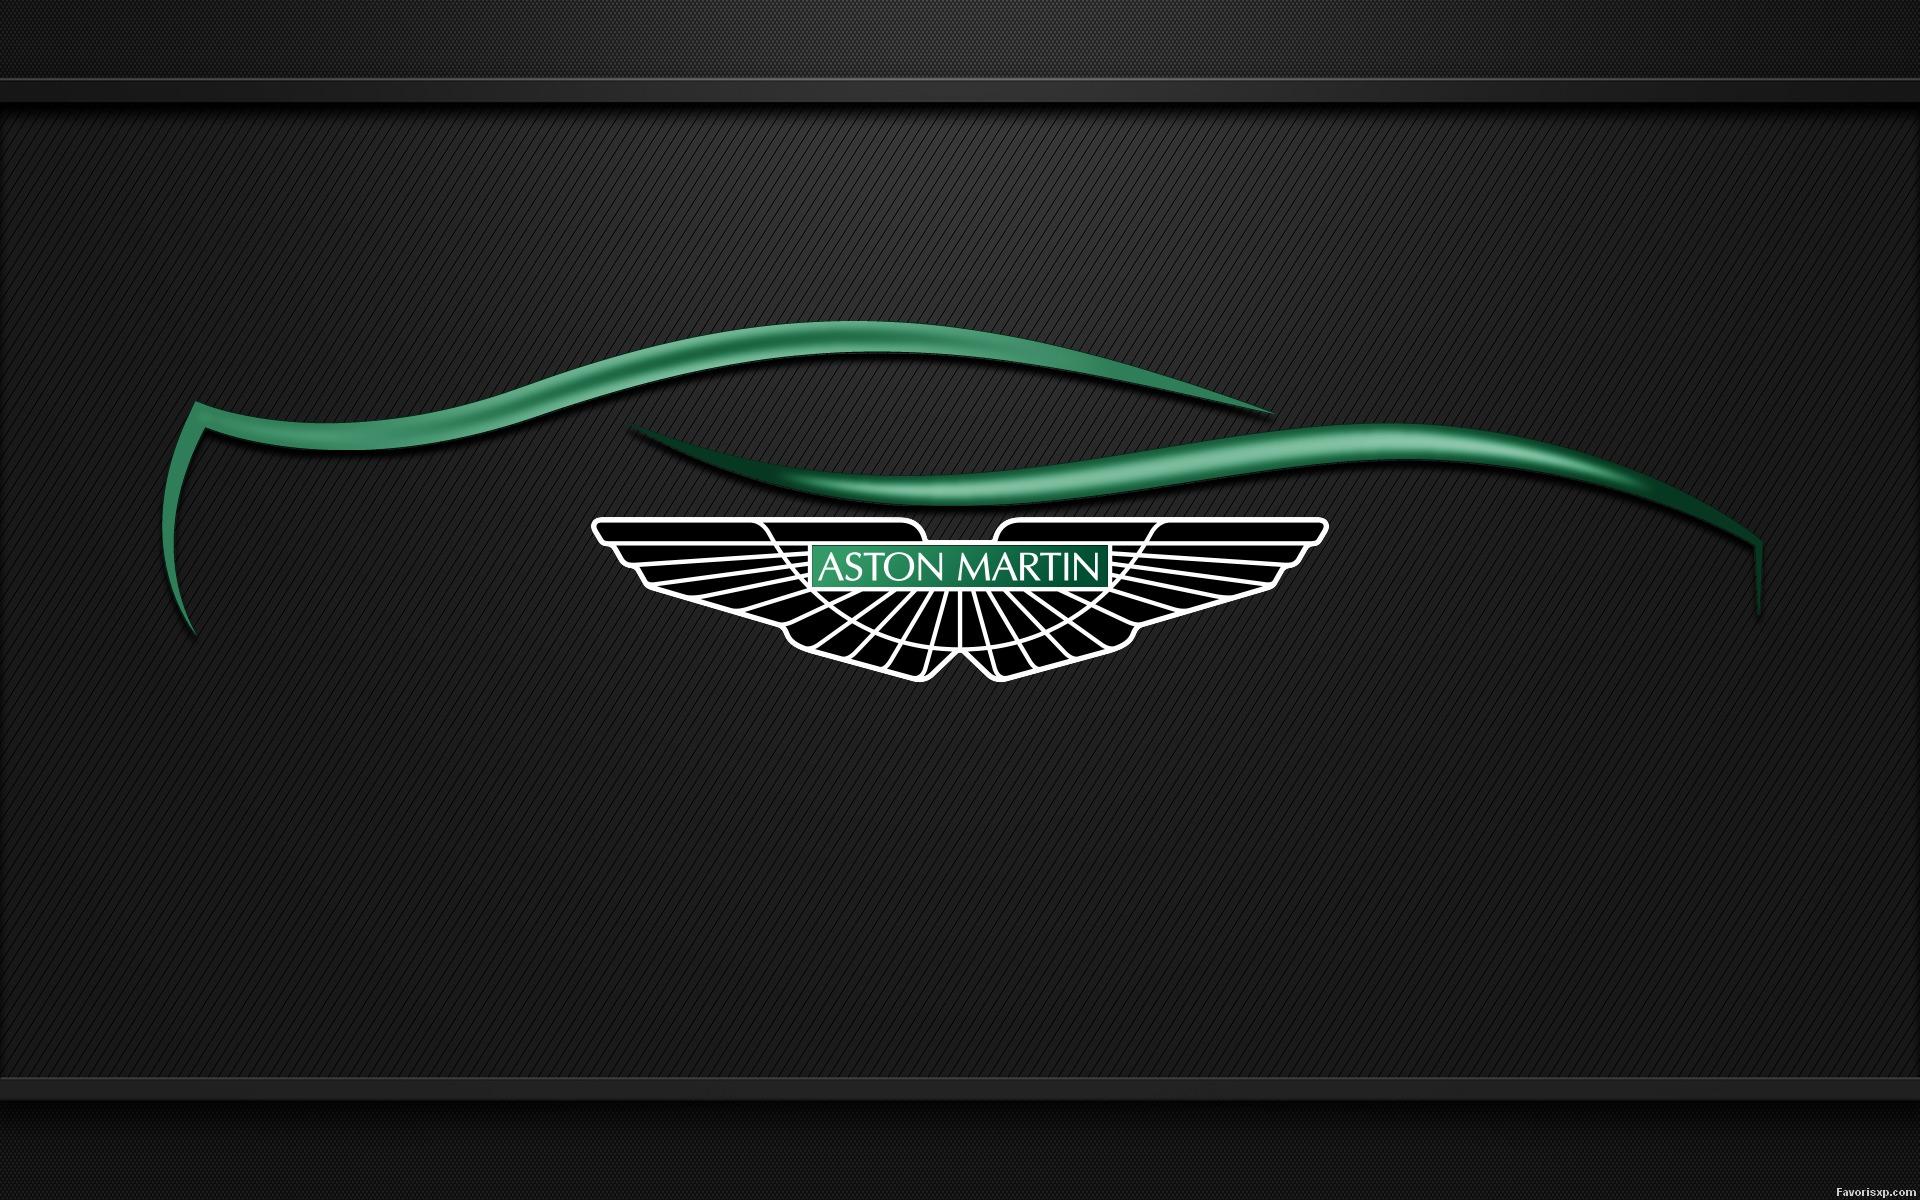 voiture de luxe logo vp56 humatraffin. Black Bedroom Furniture Sets. Home Design Ideas